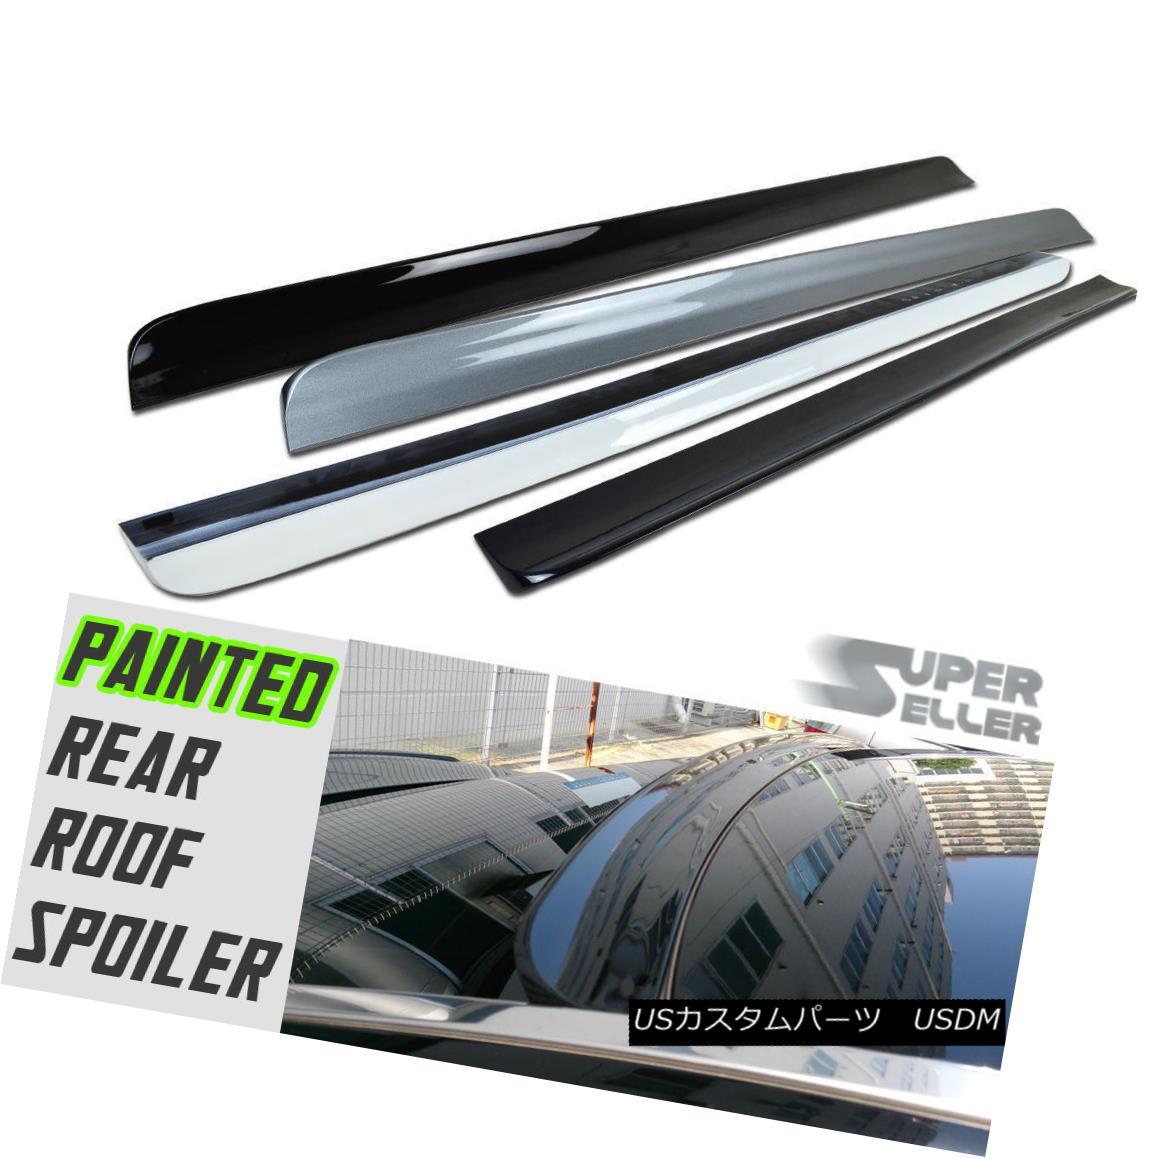 エアロパーツ Painted HONDA ACCORD 9th Coupe Rear Window Roof Lip Spoiler 03-15 塗装ホンダアコード9thクーペリアウィンドウルーフリップスポイラー03-15